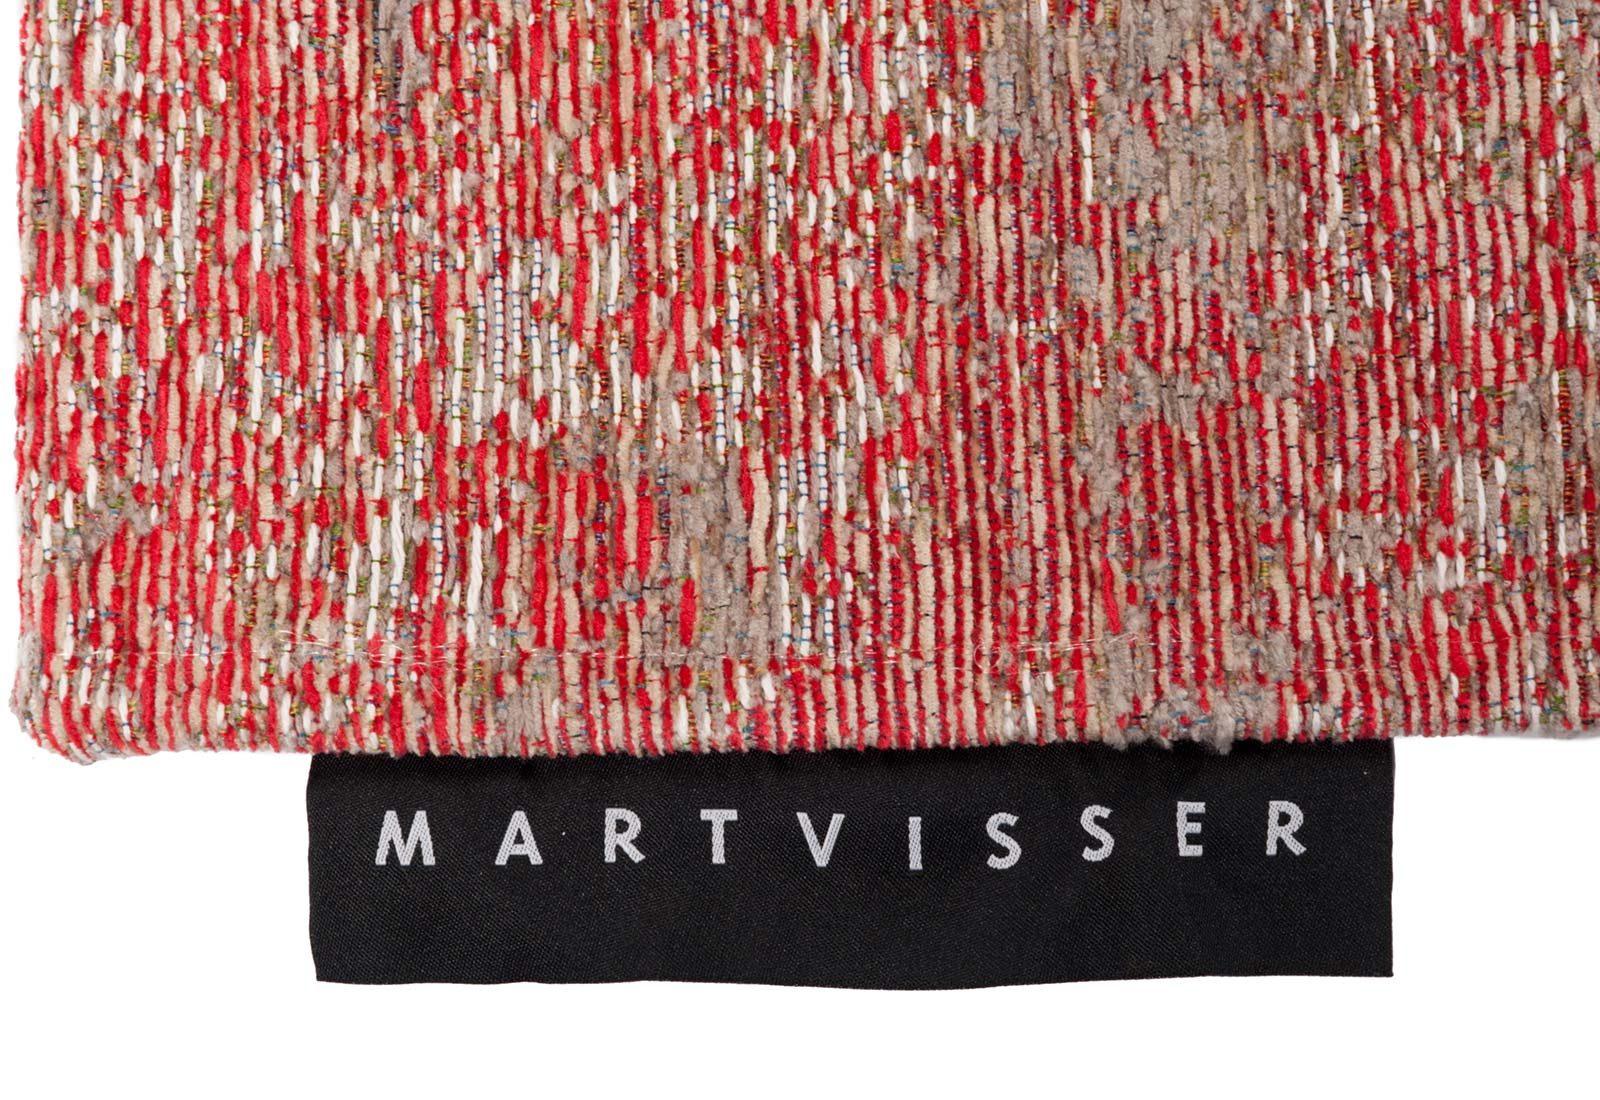 Mart Visser Cendre Coral Red 44 label